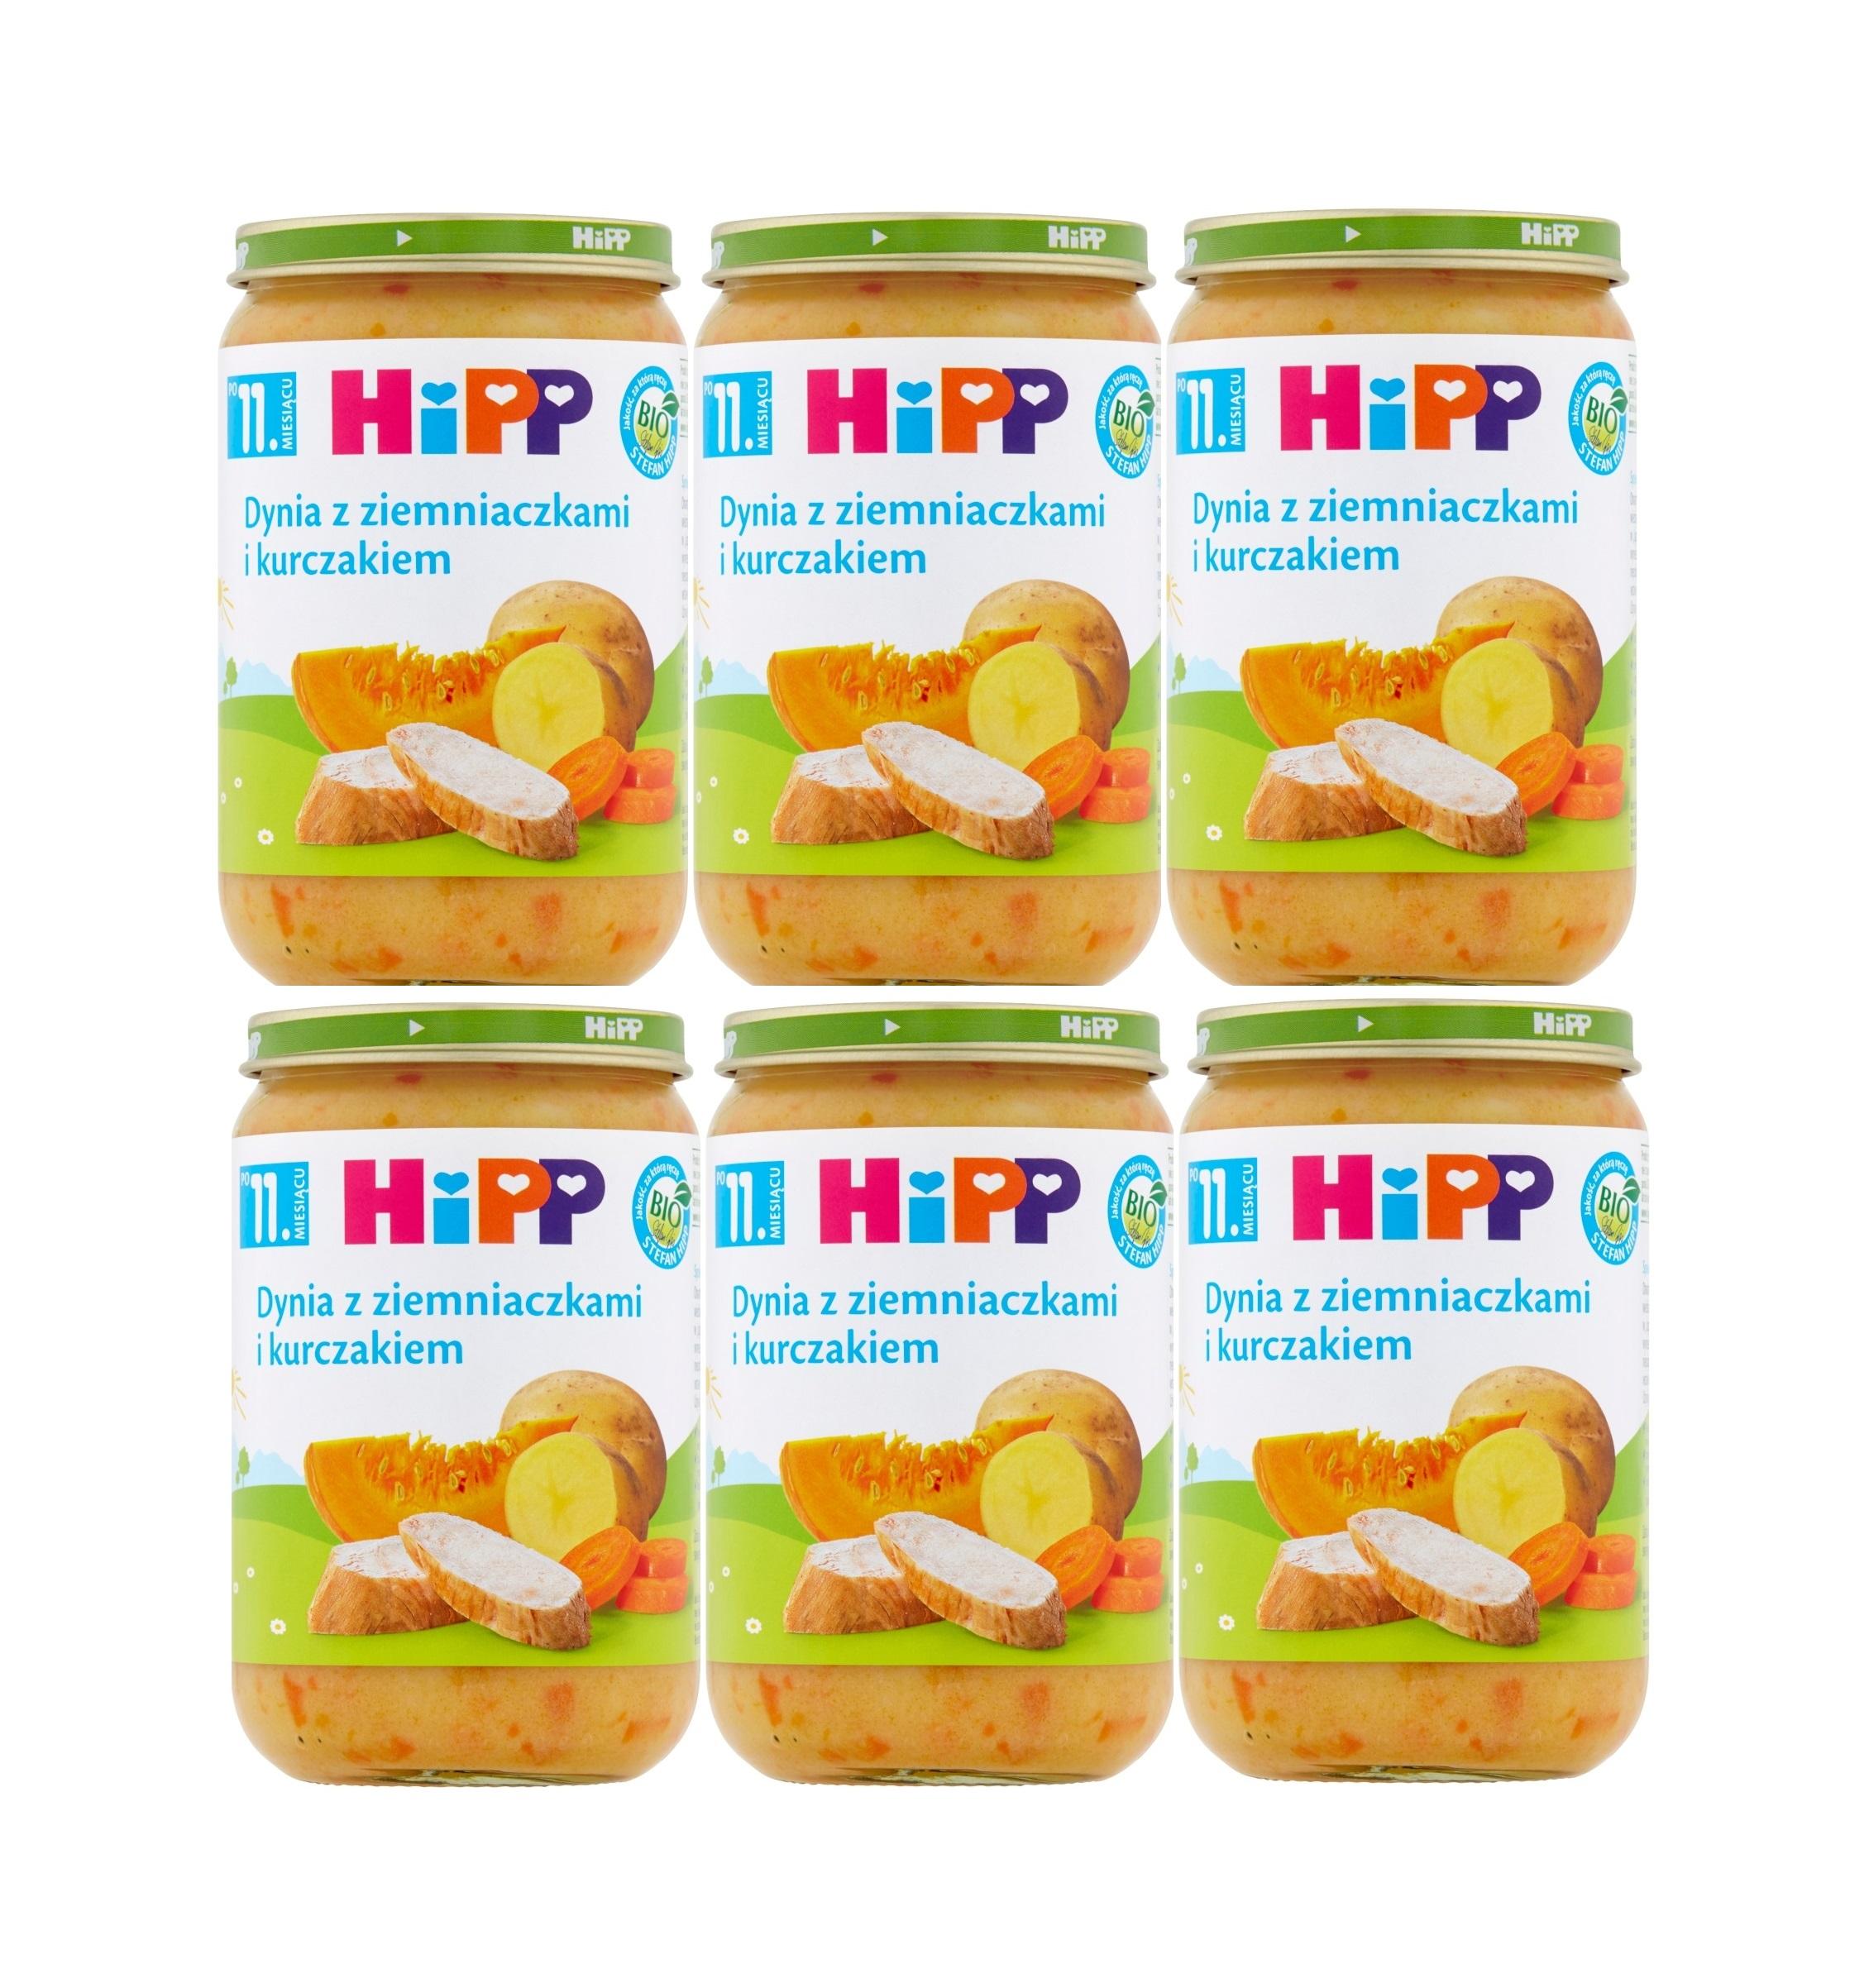 Hipp dynia z ziemniakami i kurczakiem 6x220g